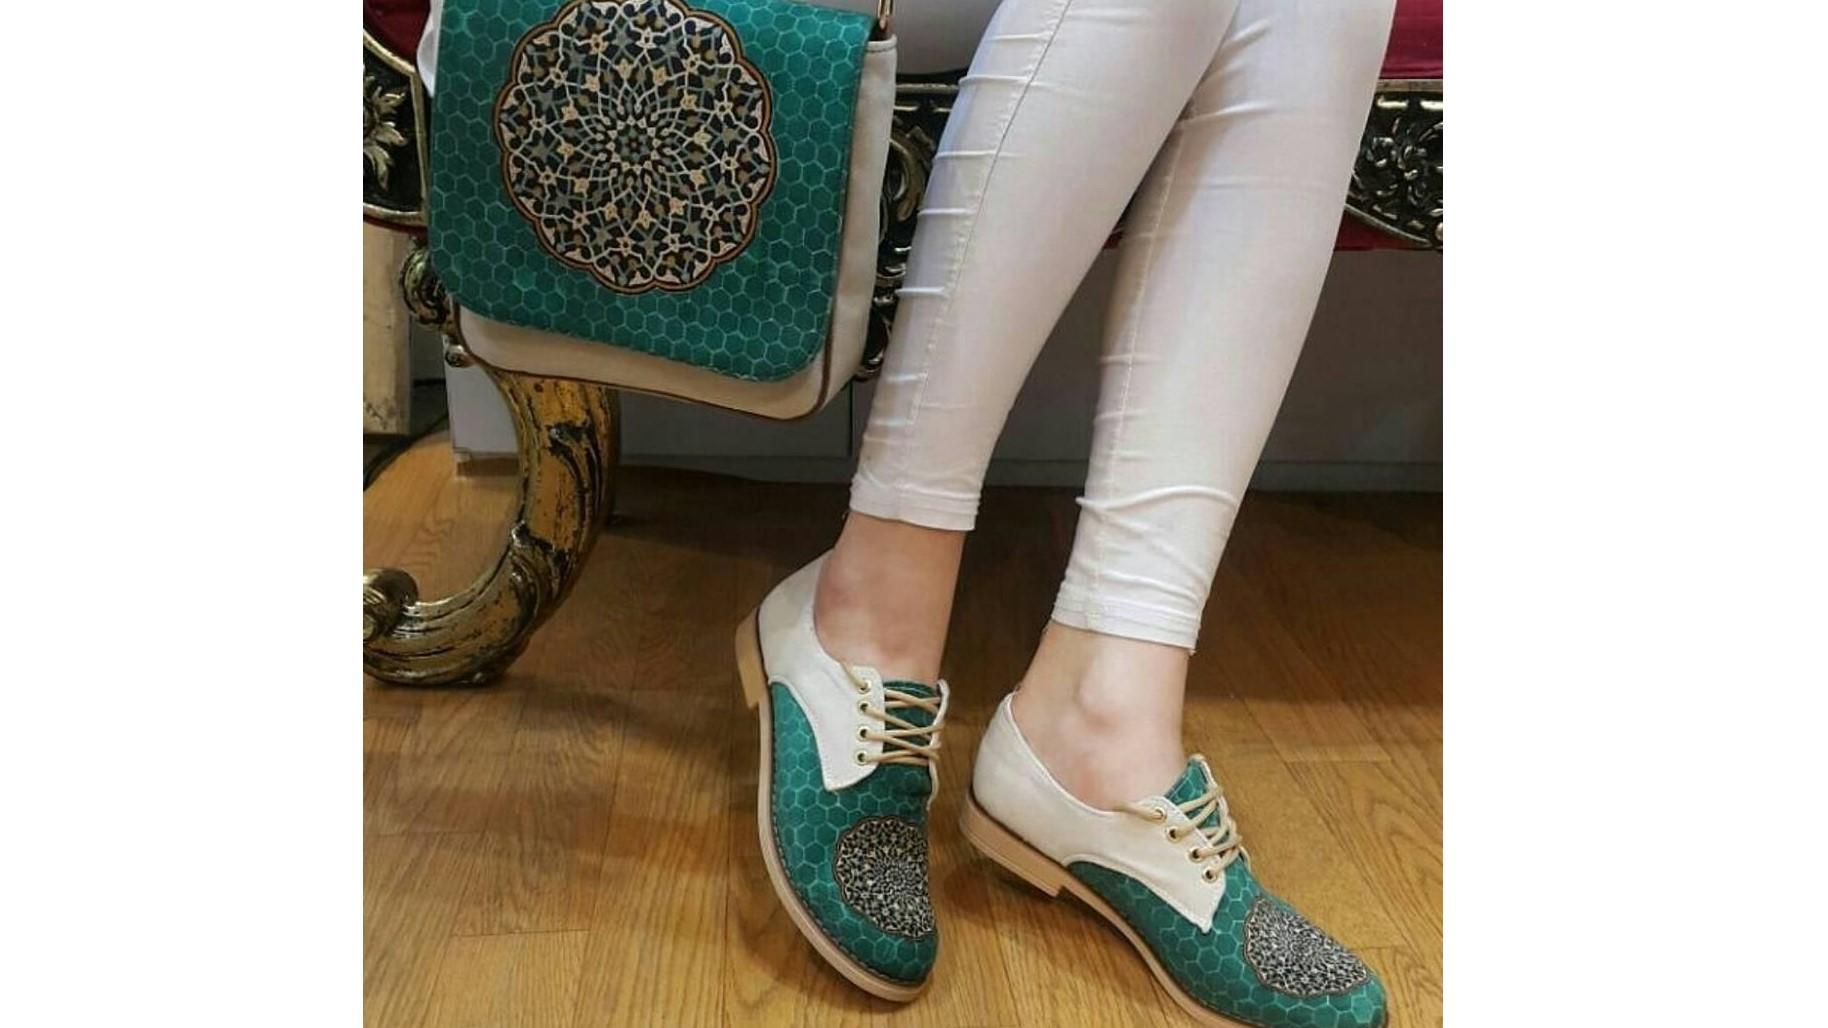 ست کیف و کفش زنانه سبز رنگ+عکس